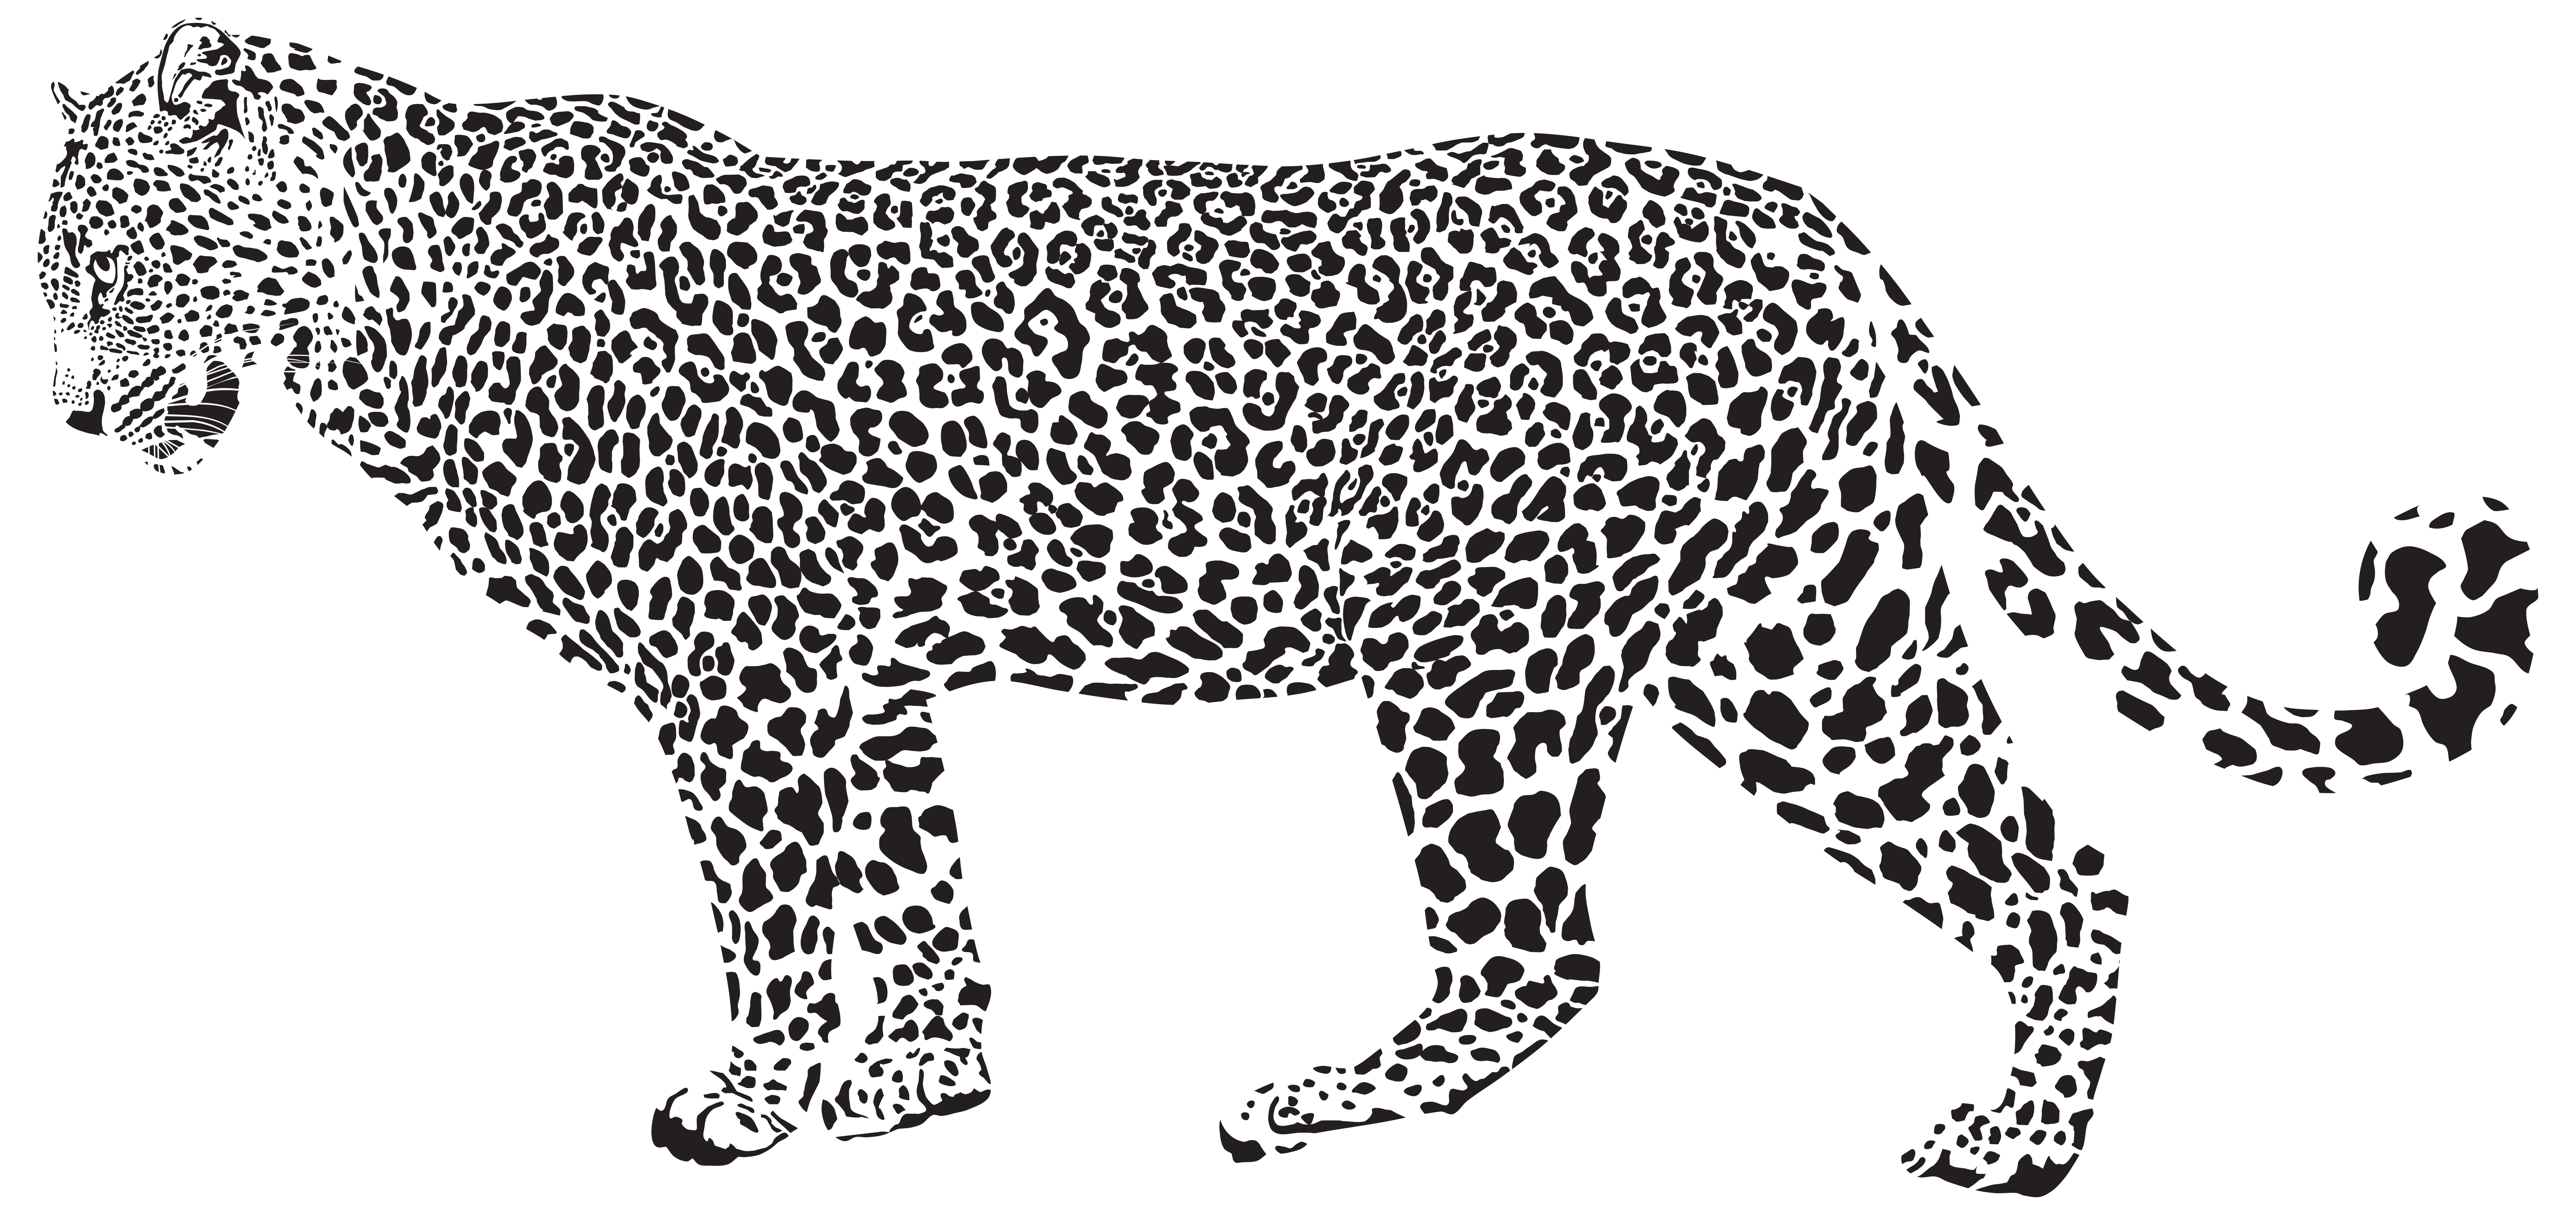 Jaguar clipart. Silhouette png transparent clip